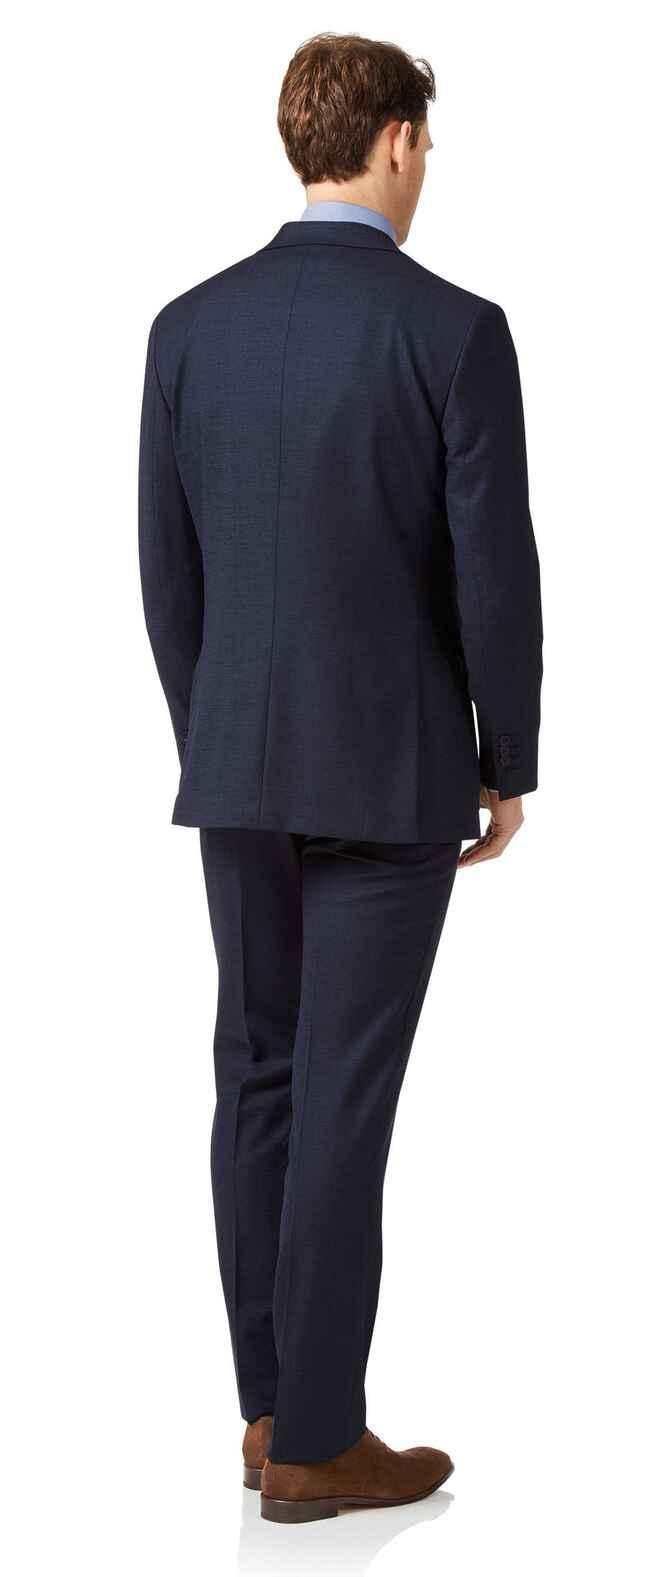 Business-Anzug Slim Fit Jaspégarn Marineblau